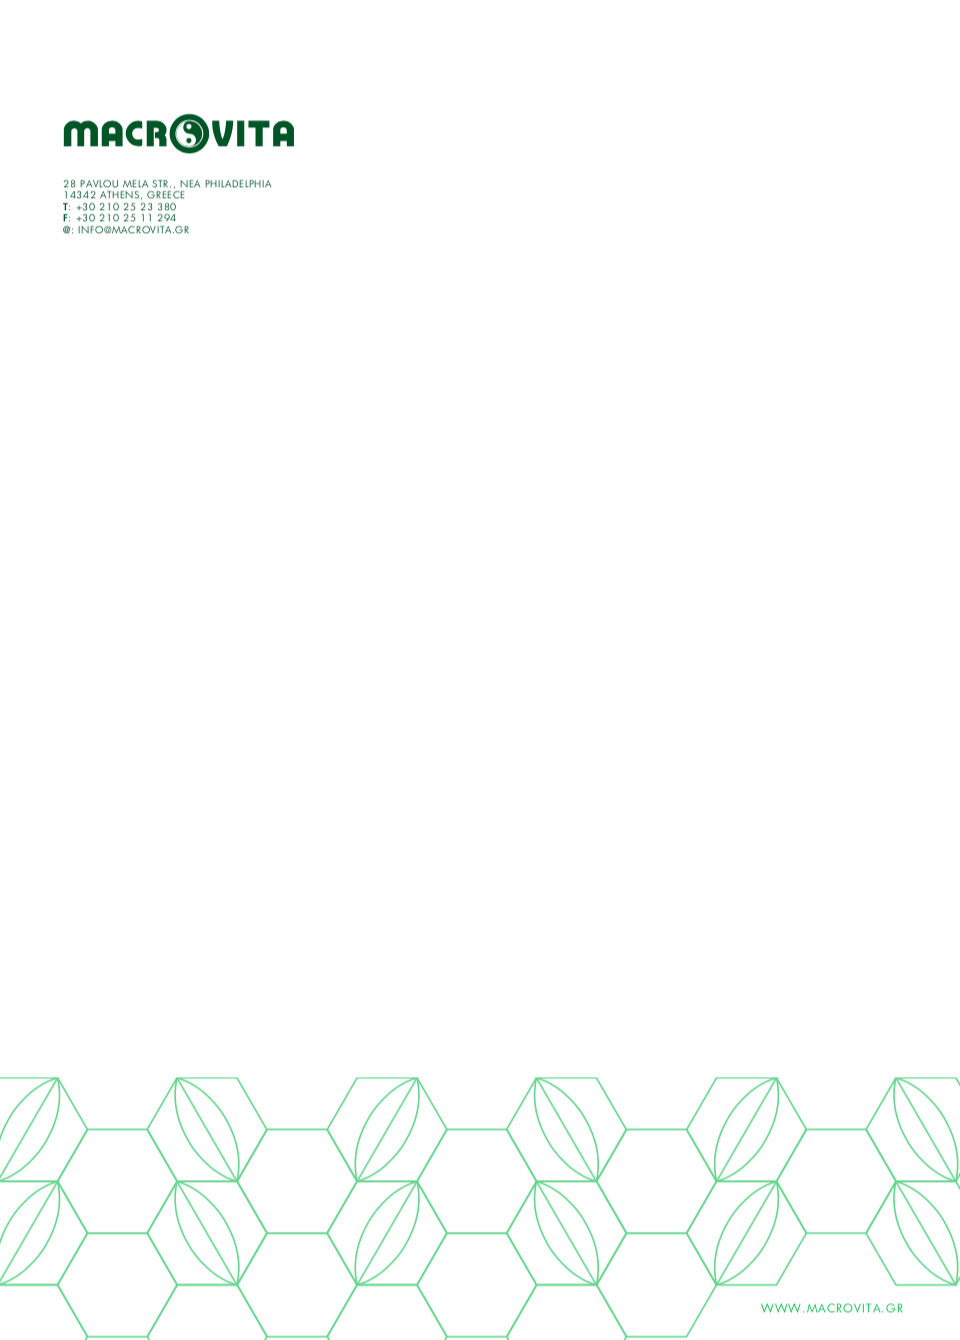 A3-DESIGN-MACROVITA-NEW-IDENTITY-LETTER